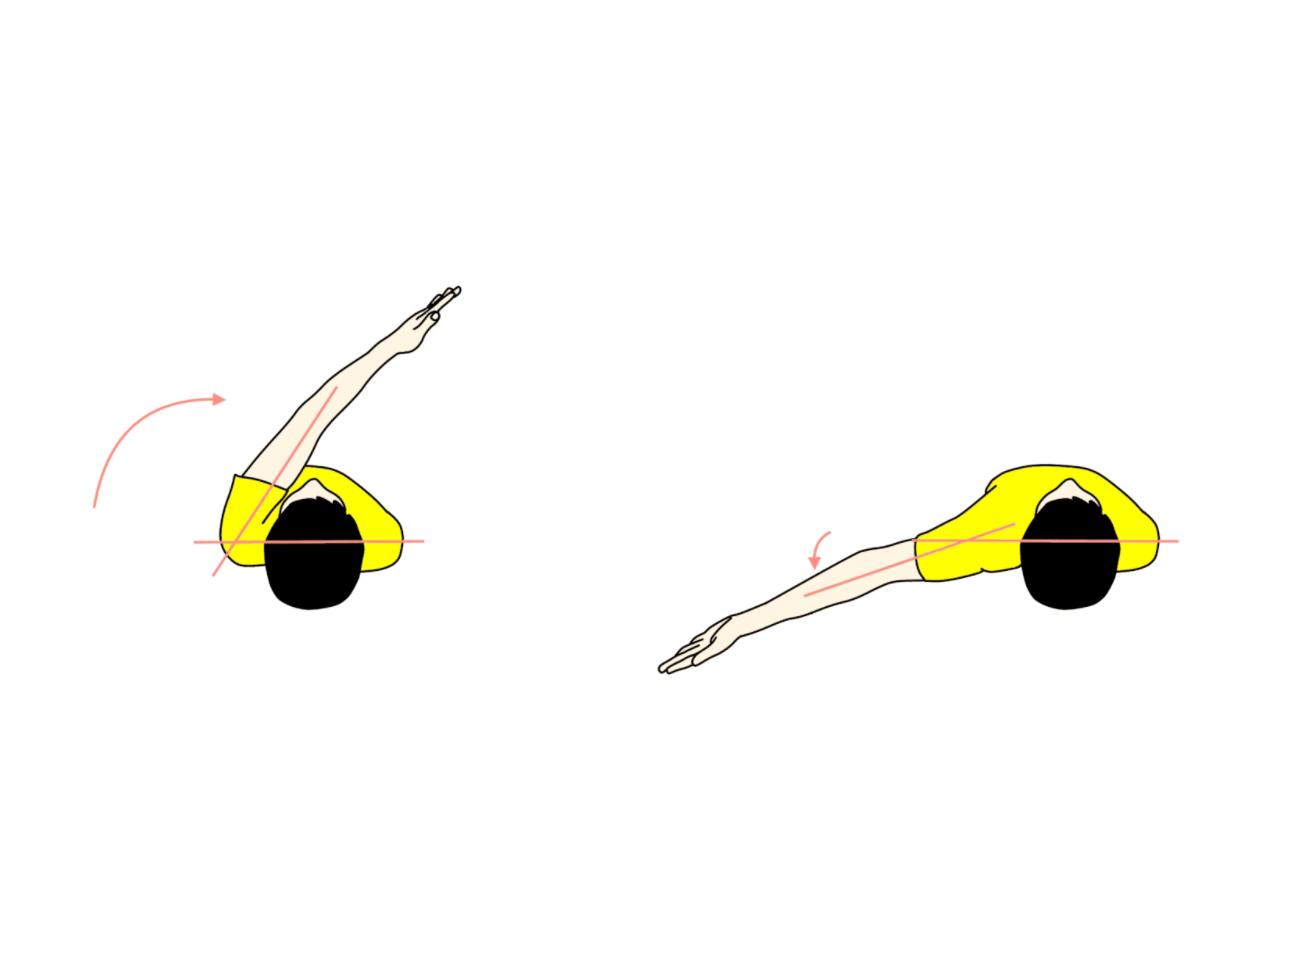 上肢の動作の拮抗筋